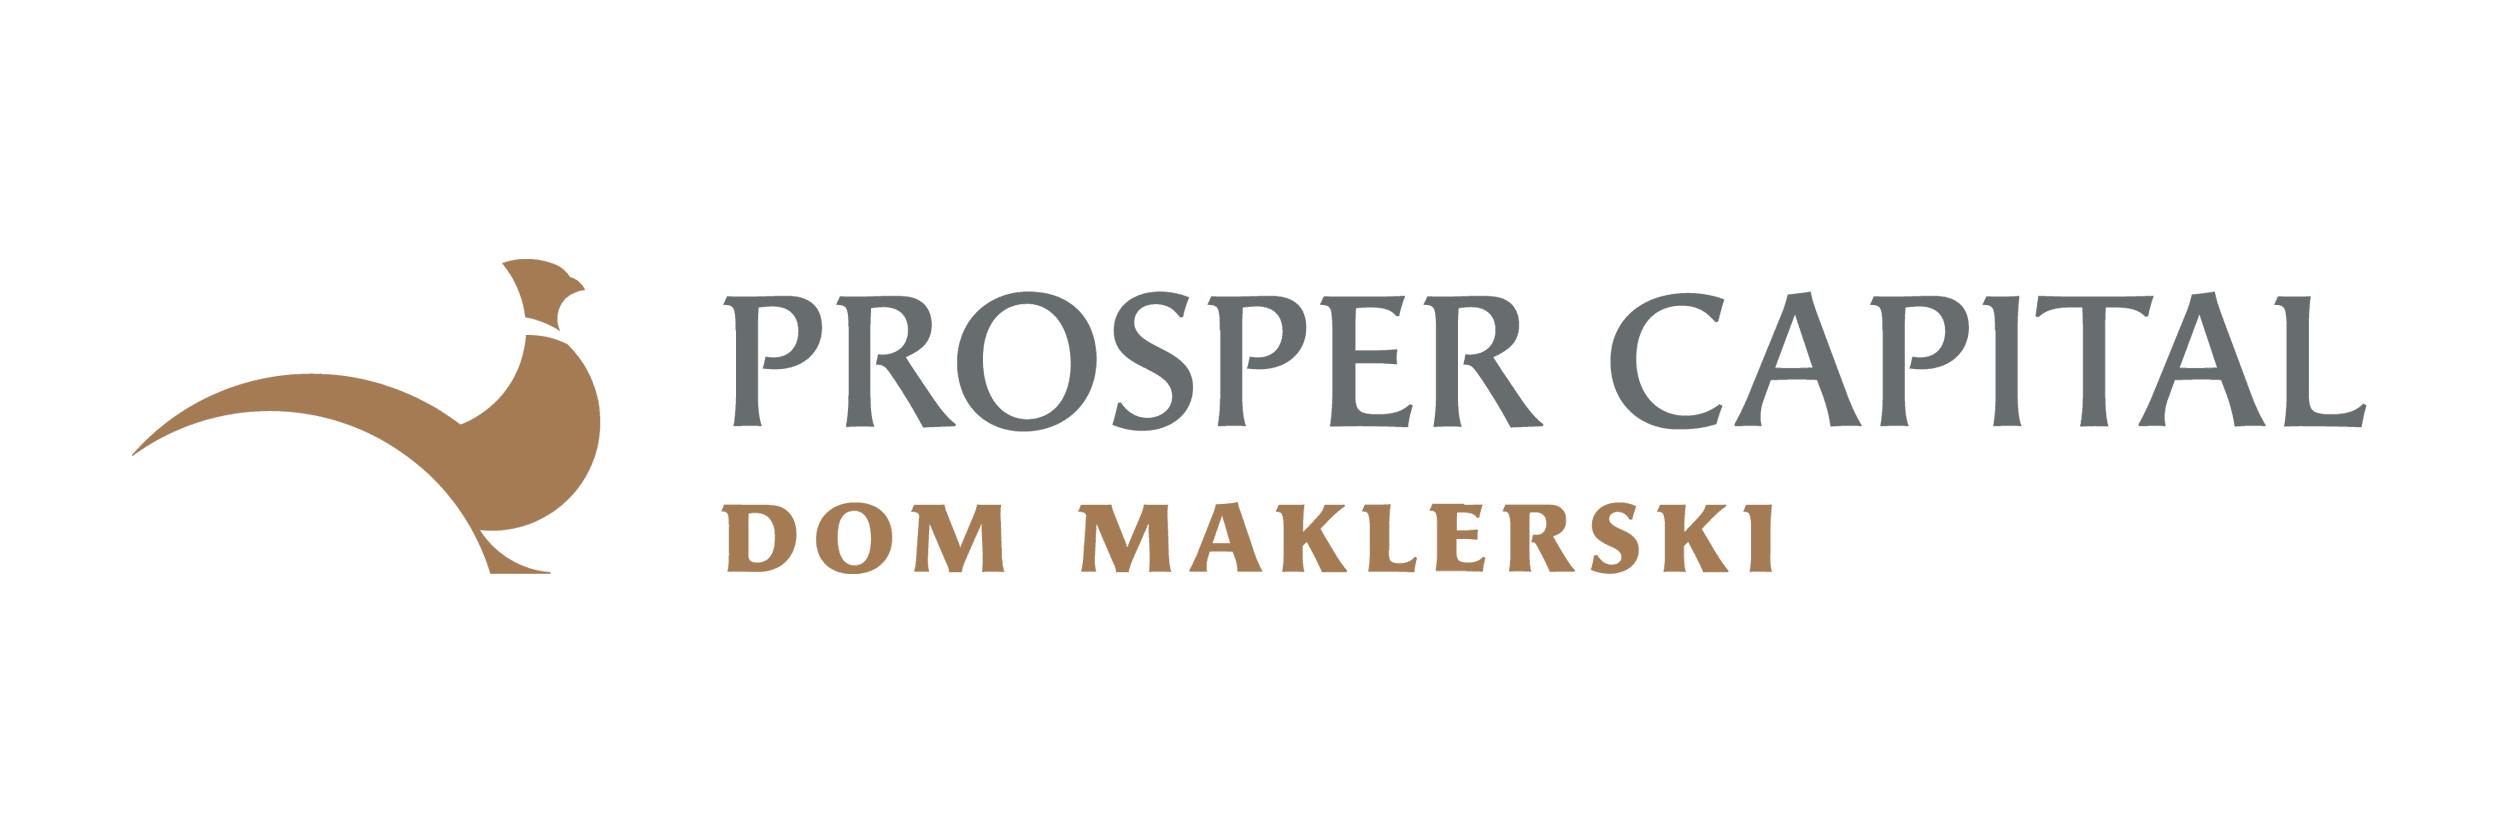 3_Prosper Capital